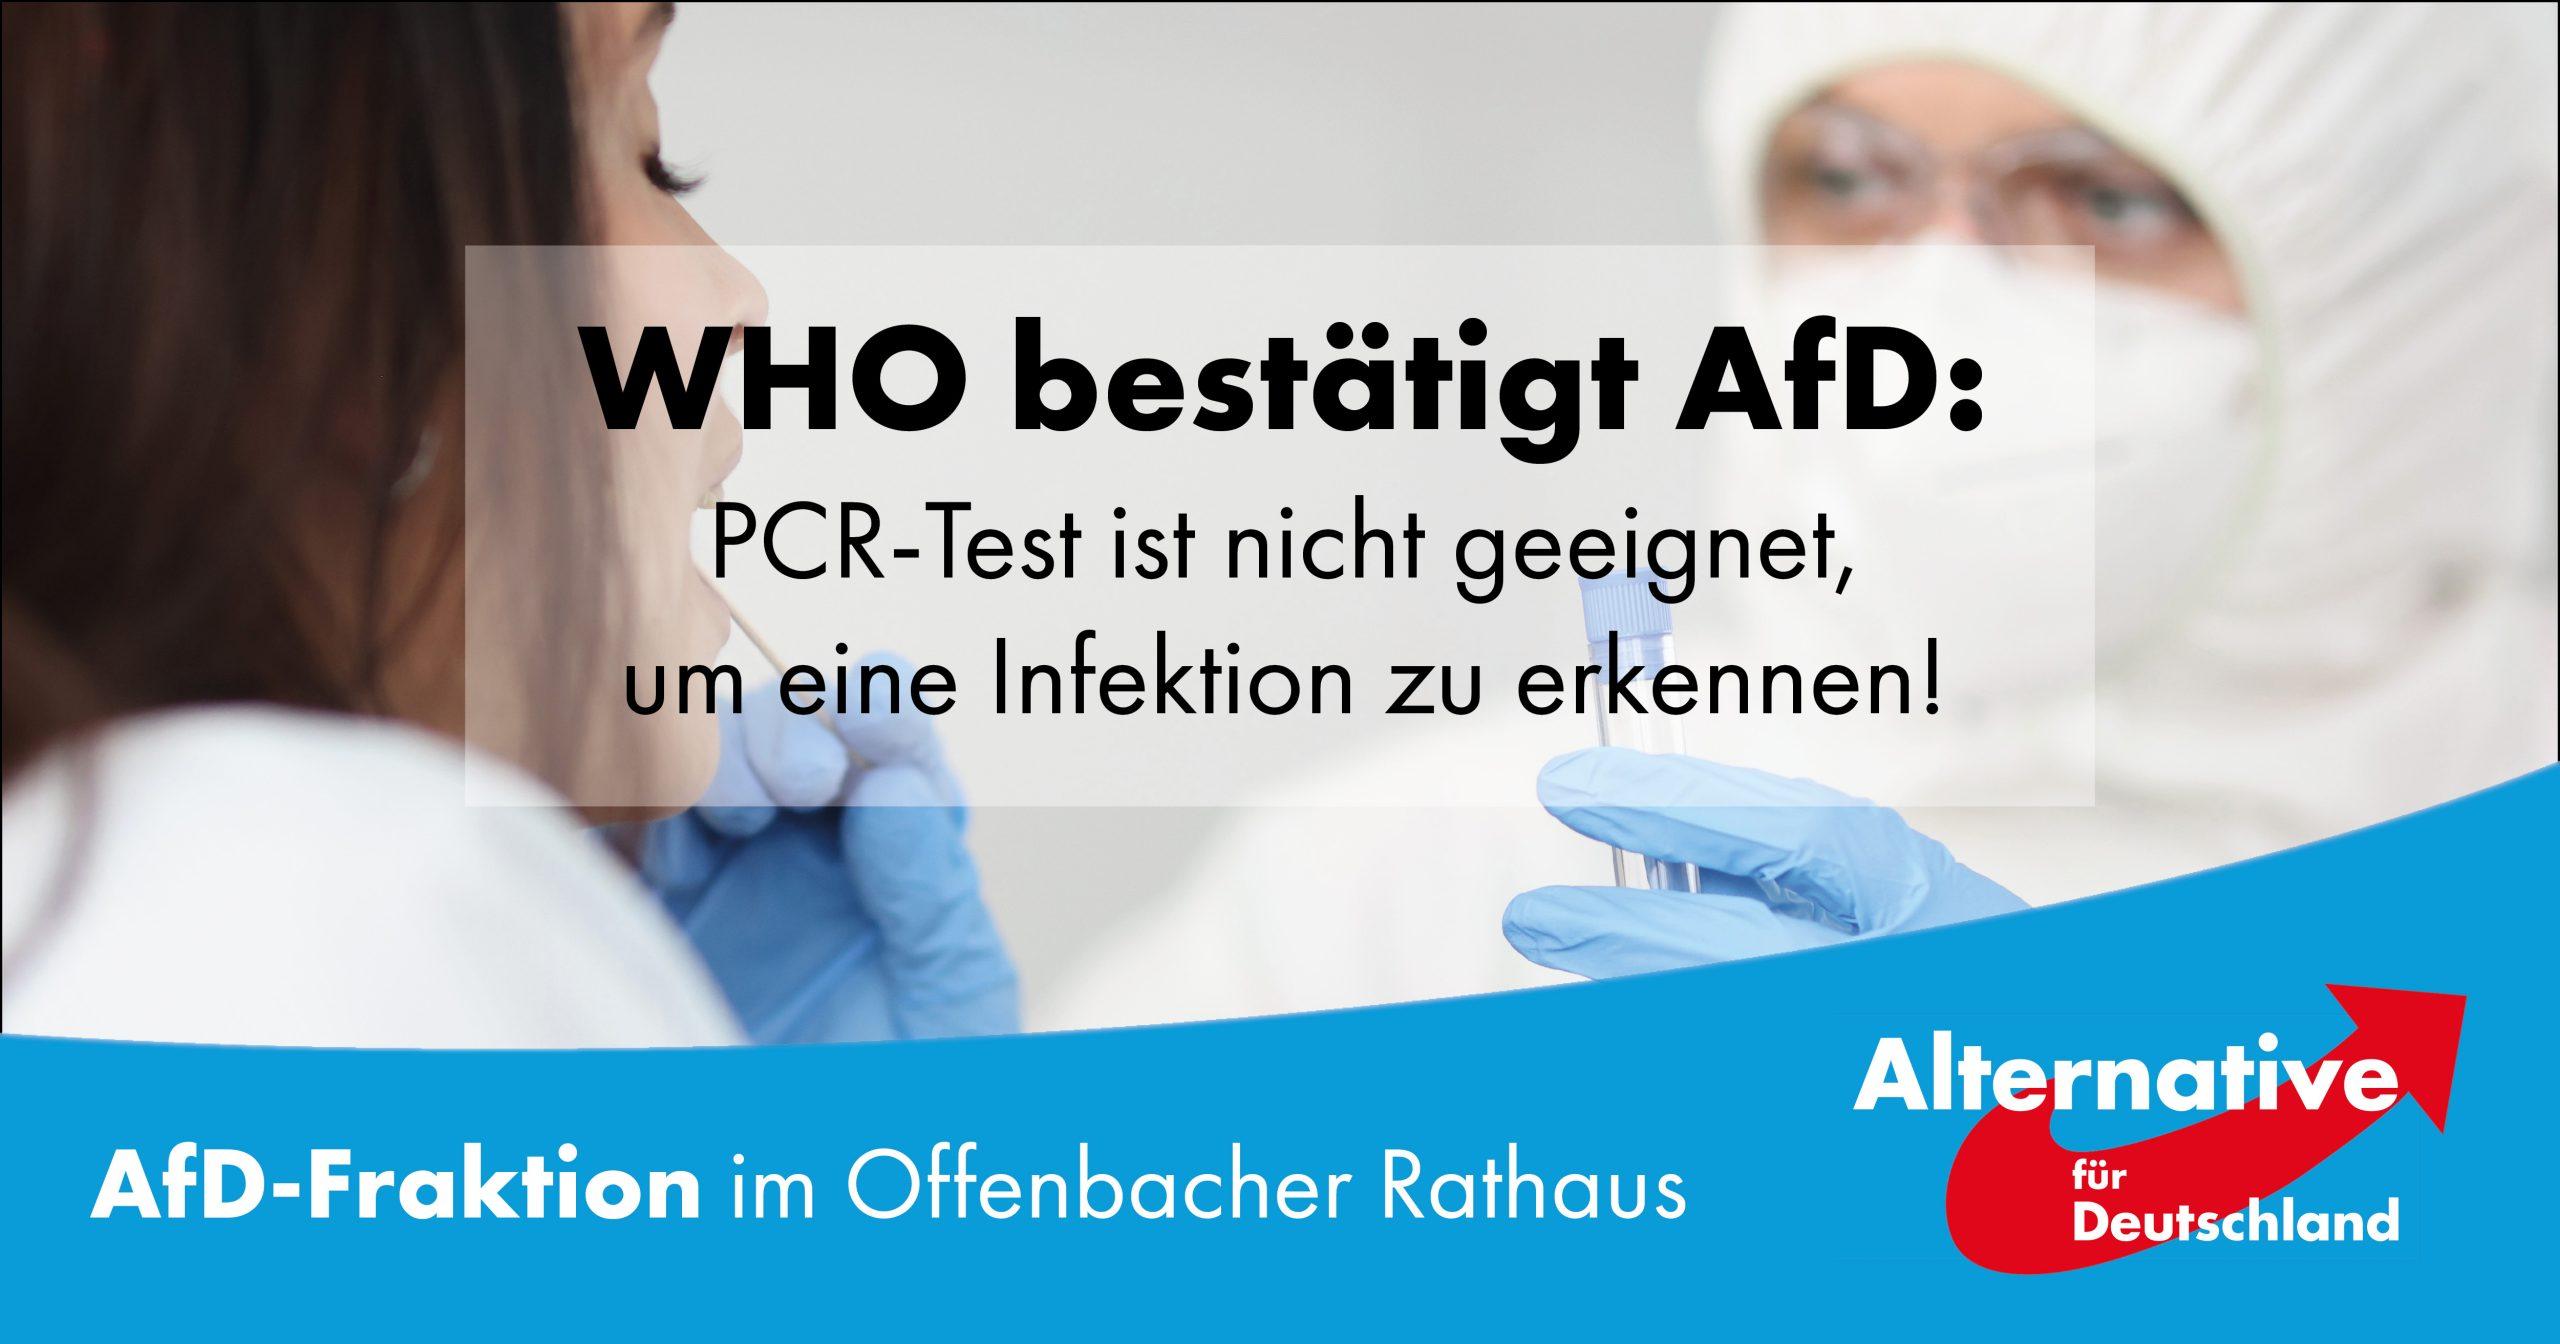 WHO bestätigt AfD!